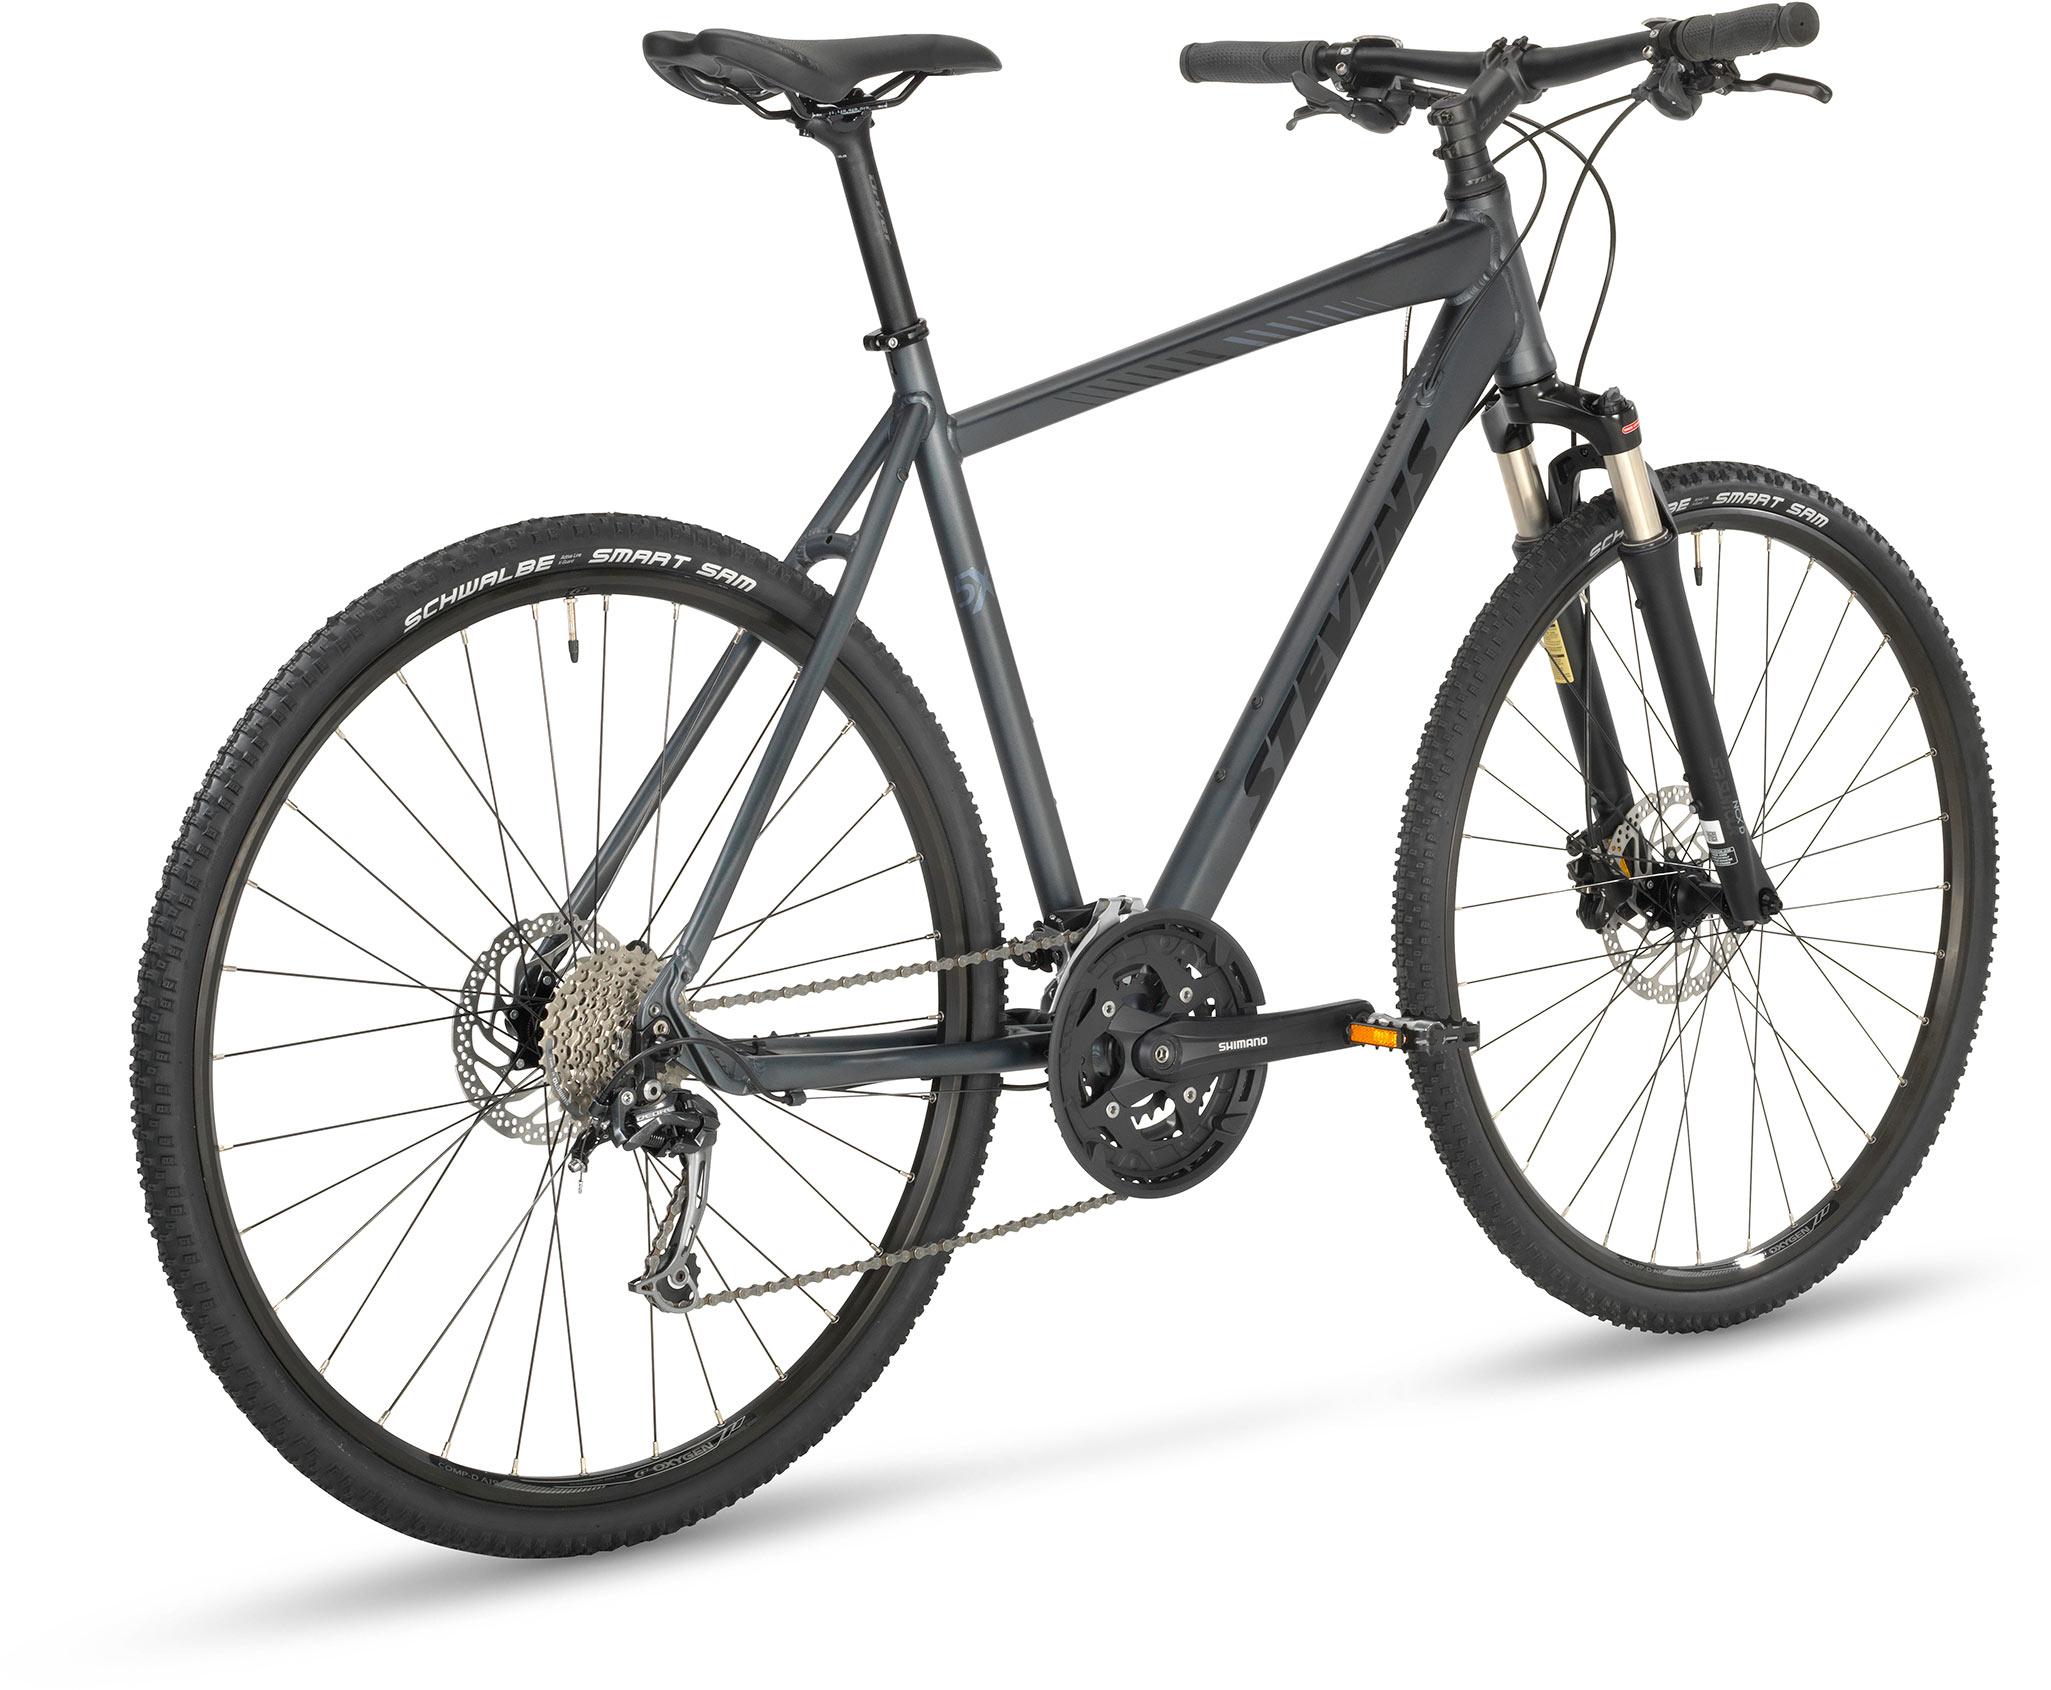 5x Gent Stevens Bikes 2019 Crank Shimano Alivio Touring 26 36 48 T